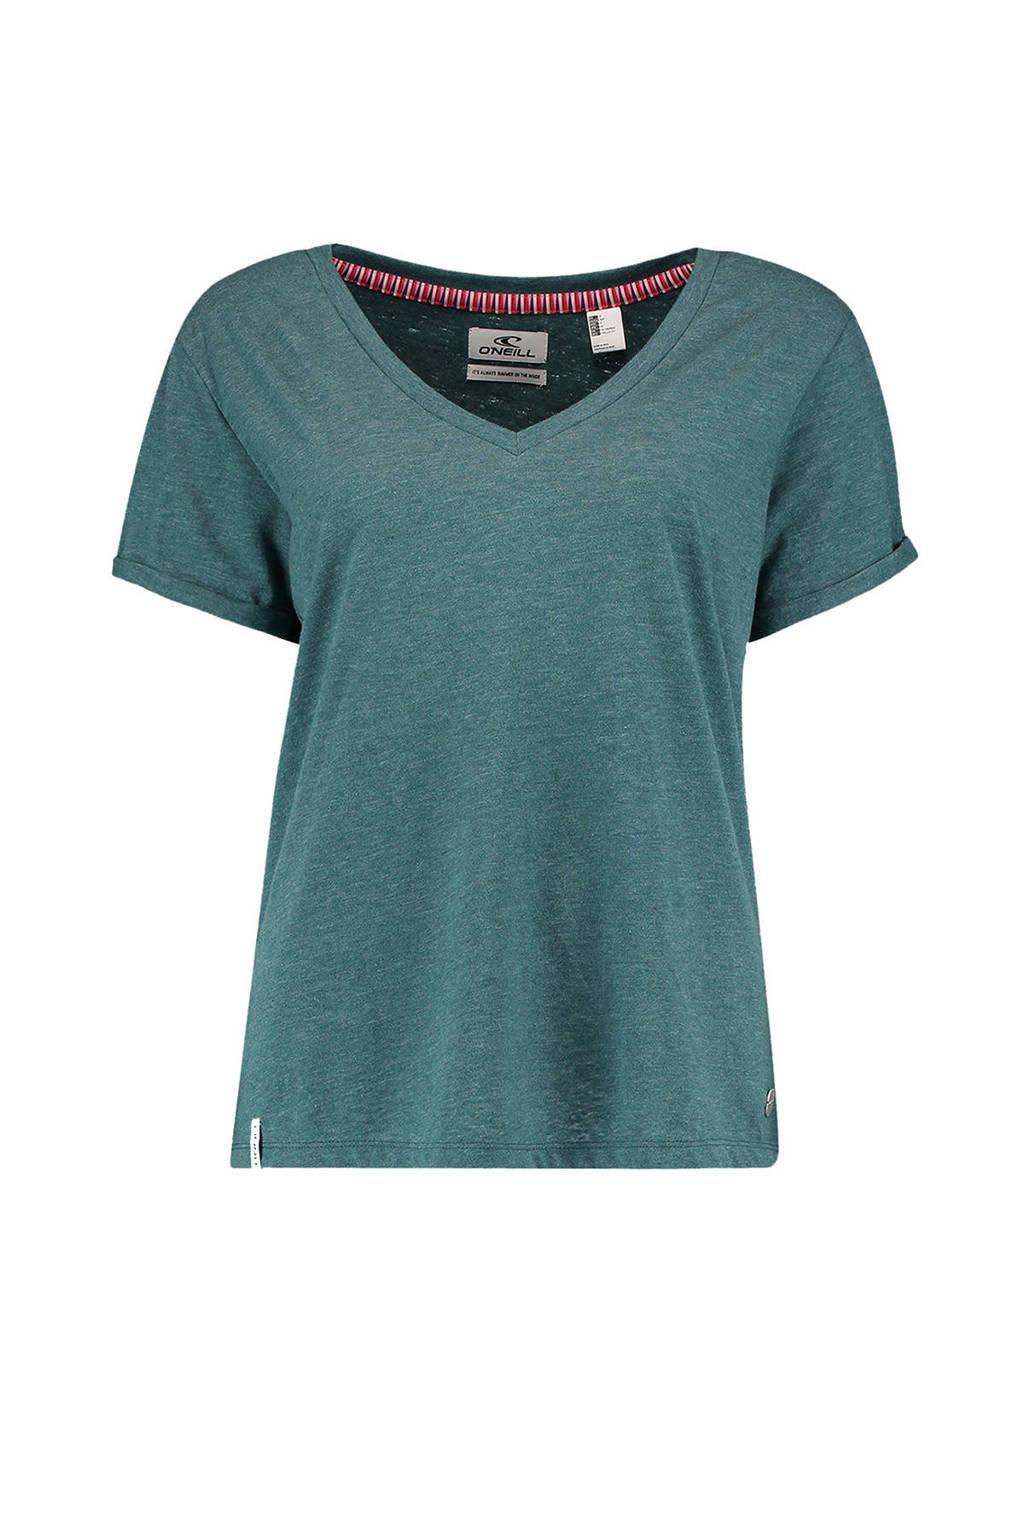 O'Neill T-shirt Rock blauw, Balsam